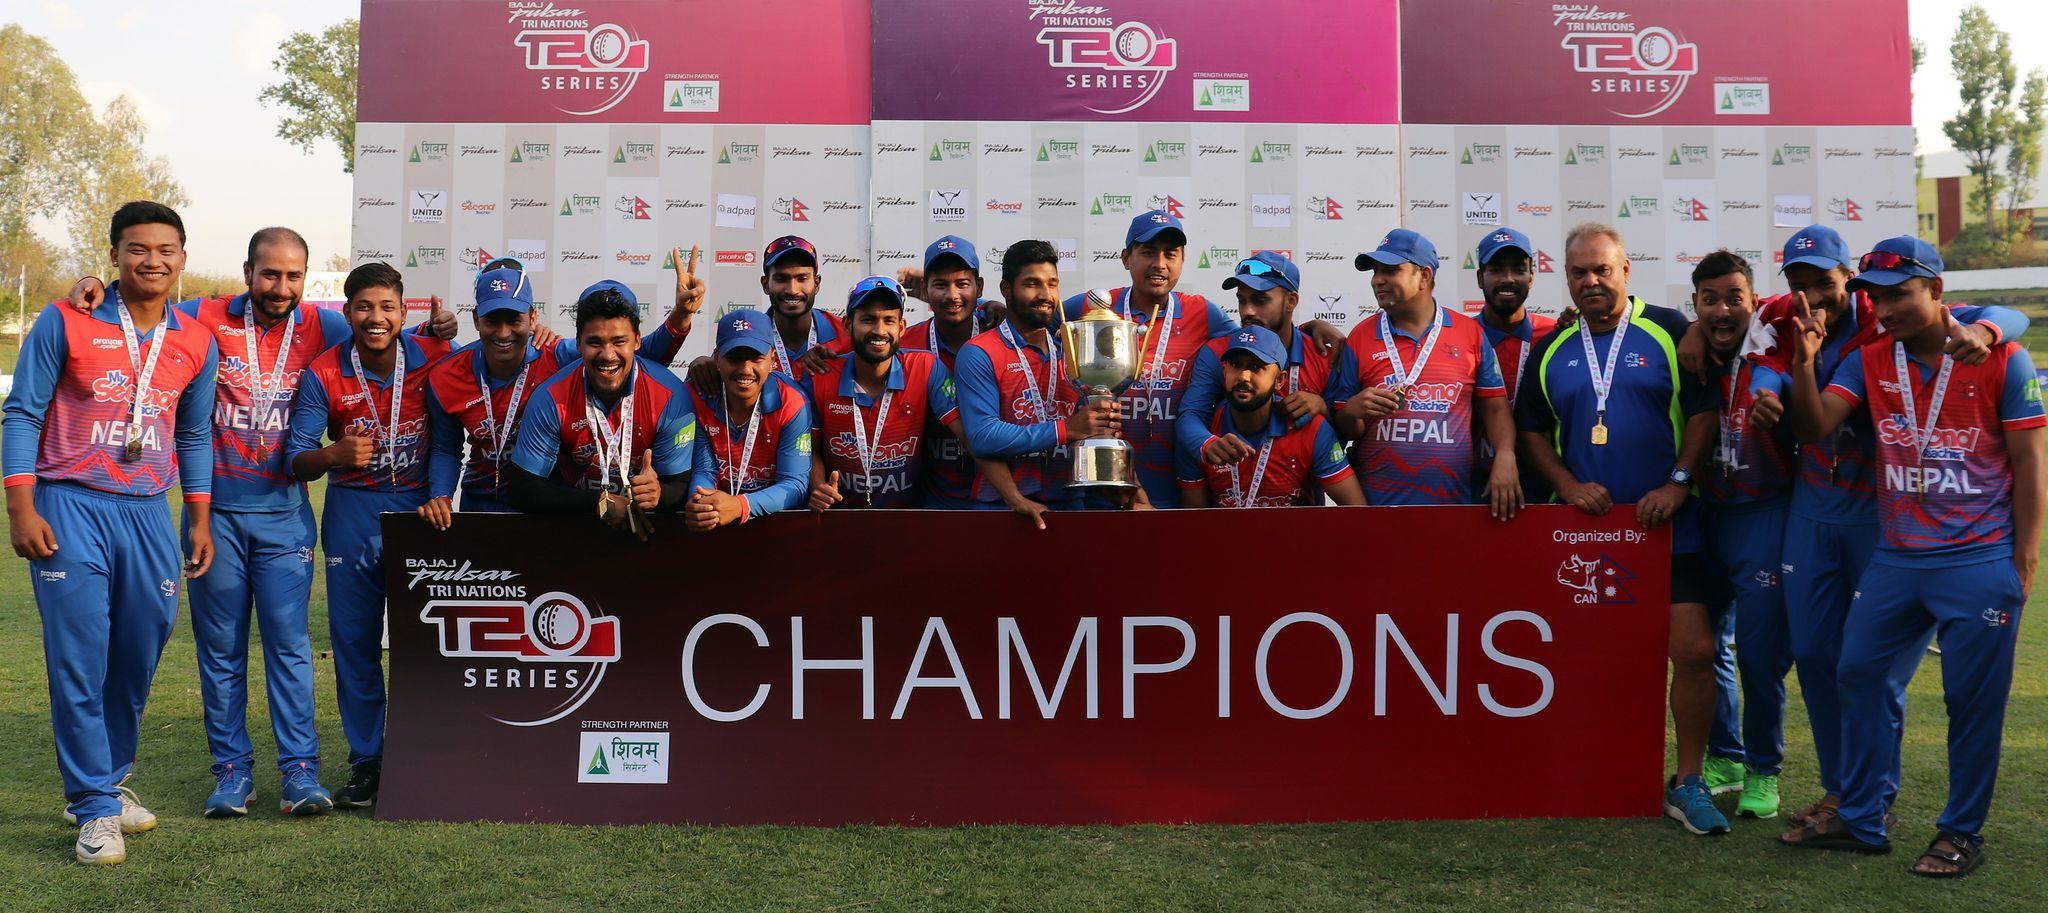 उज्यालो भविष्यतर्फ नेपाली क्रिकेट